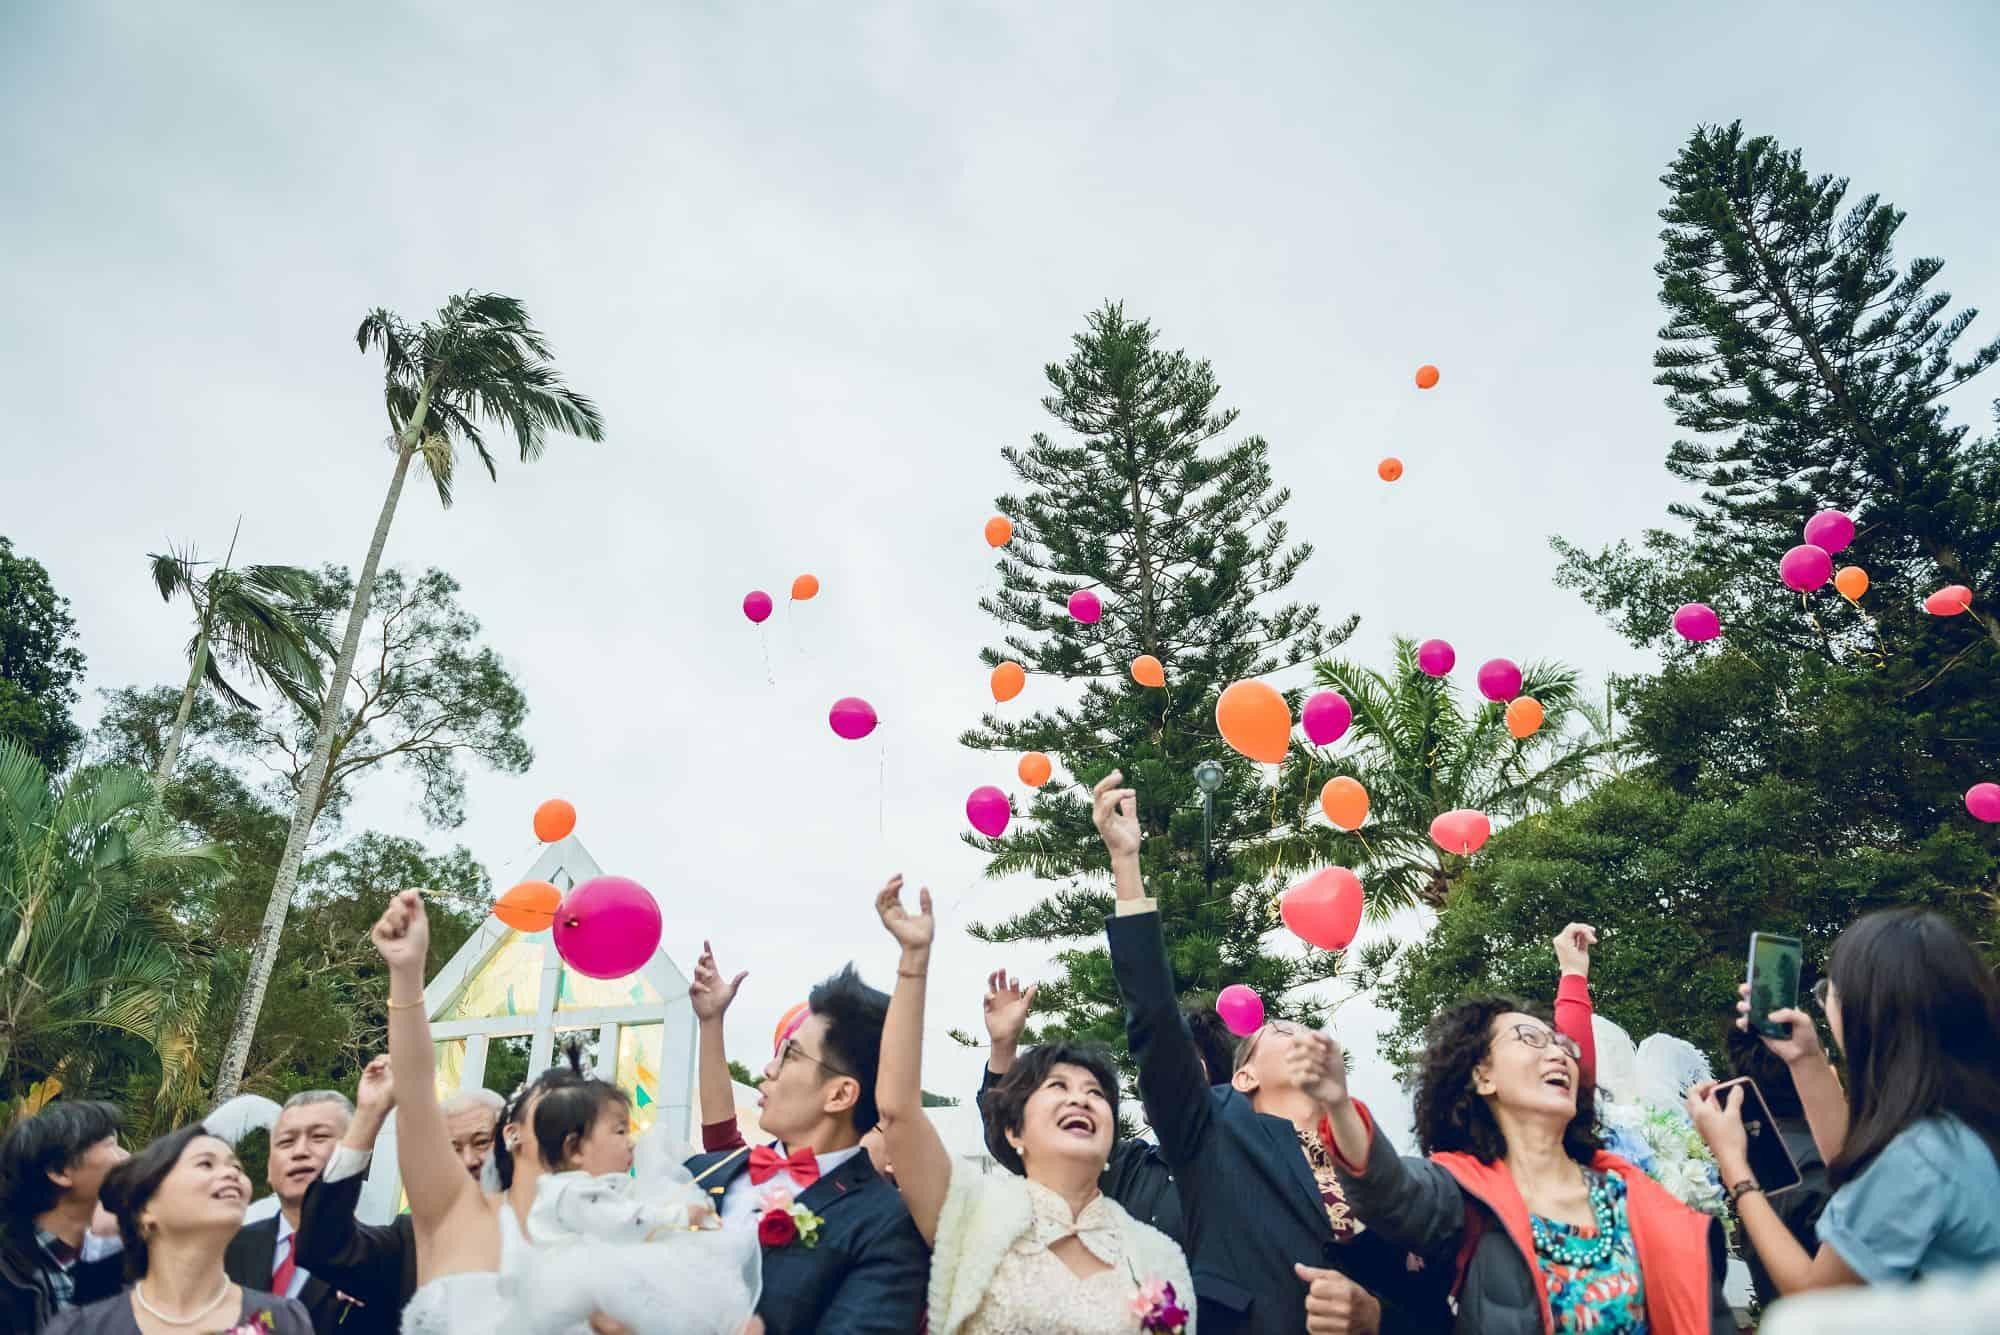 三宇影像,青青食尚花園會館,婚禮攝影,婚攝,台北婚推薦,新娘物語推薦,雙機攝影,青青池畔,跨國婚姻,跑車迎娶,闖關遊戲,